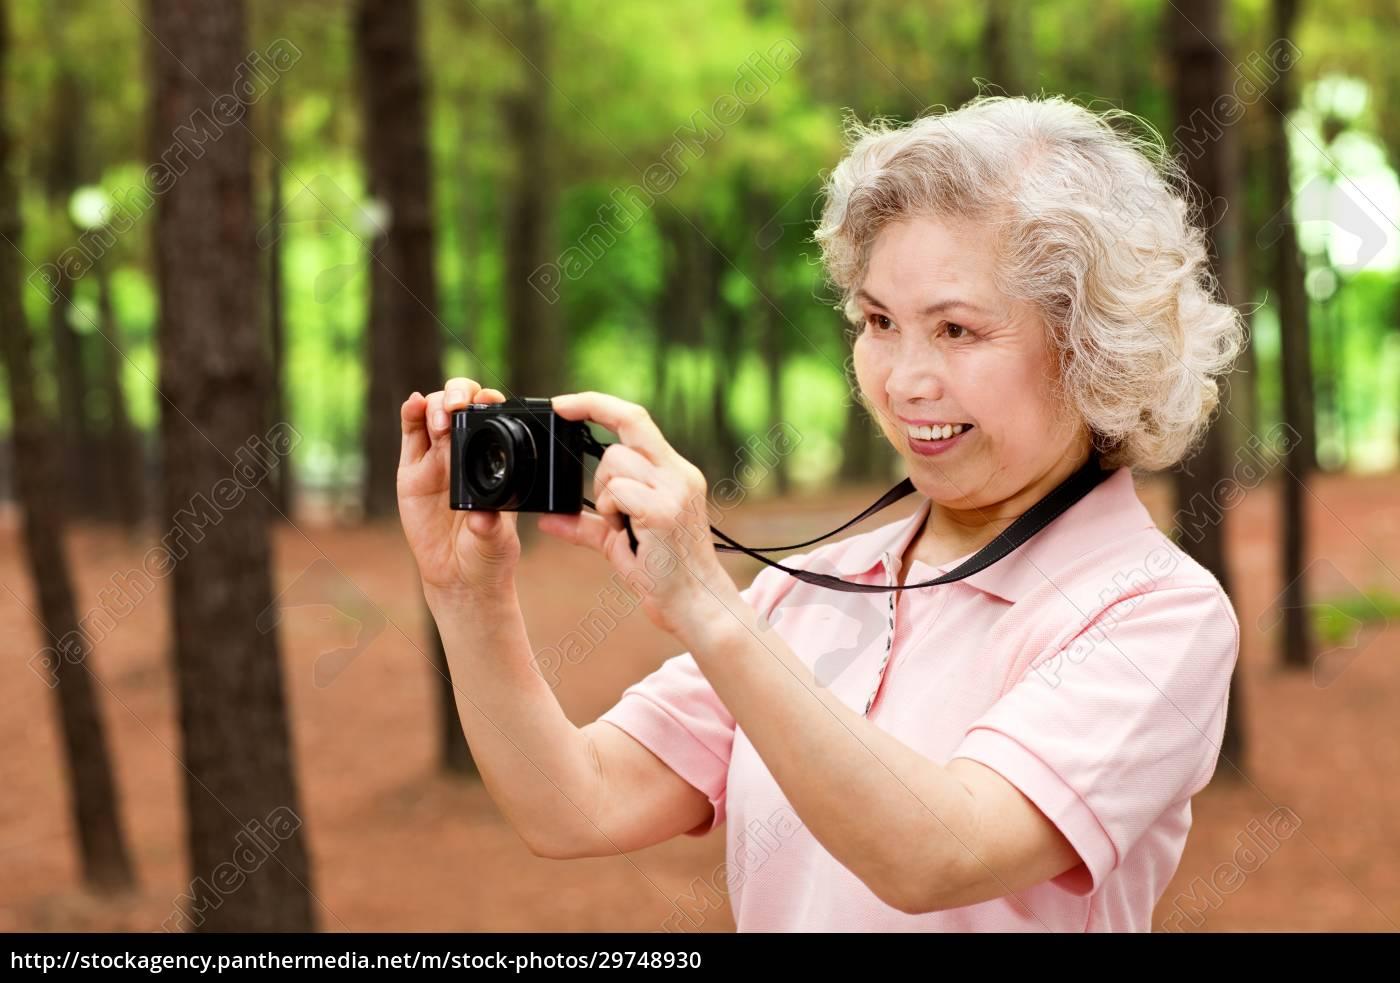 cyfrowe, życie, osób, starszych - 29748930